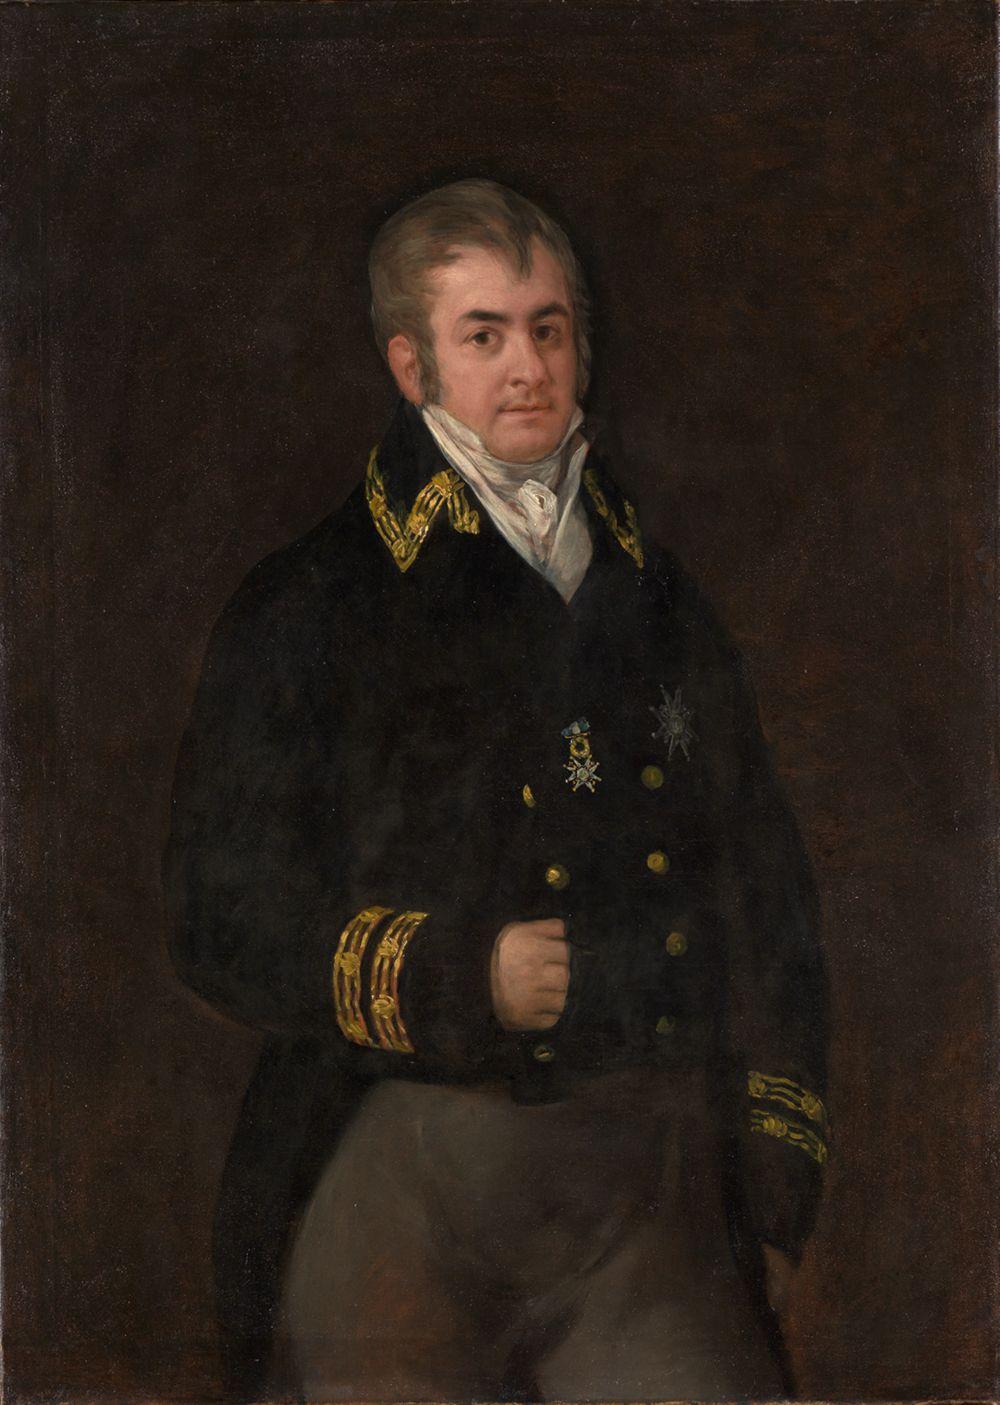 Bildnis Don Juan Bautista de Goicoechea y Urrutia